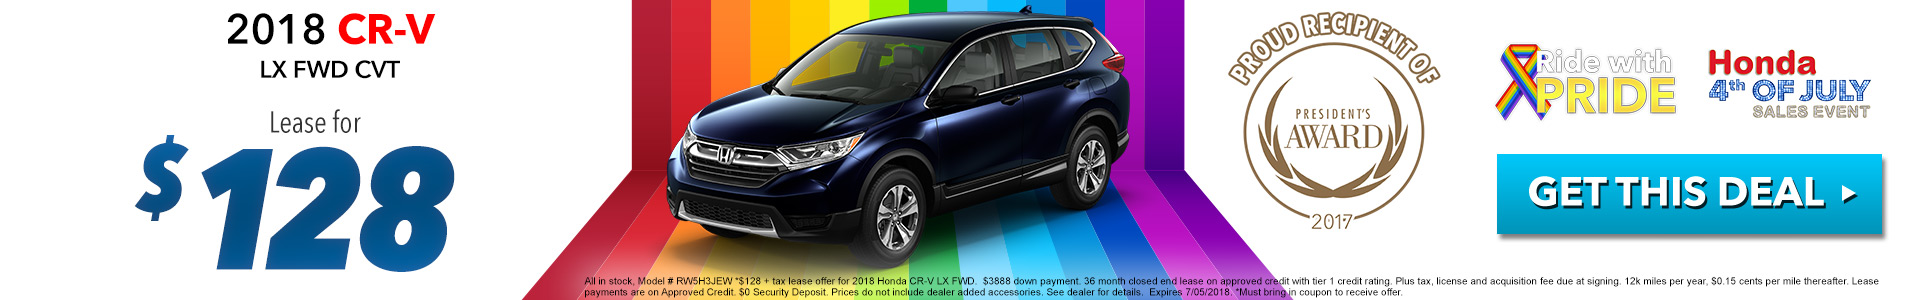 Honda CR-V $128 Lease